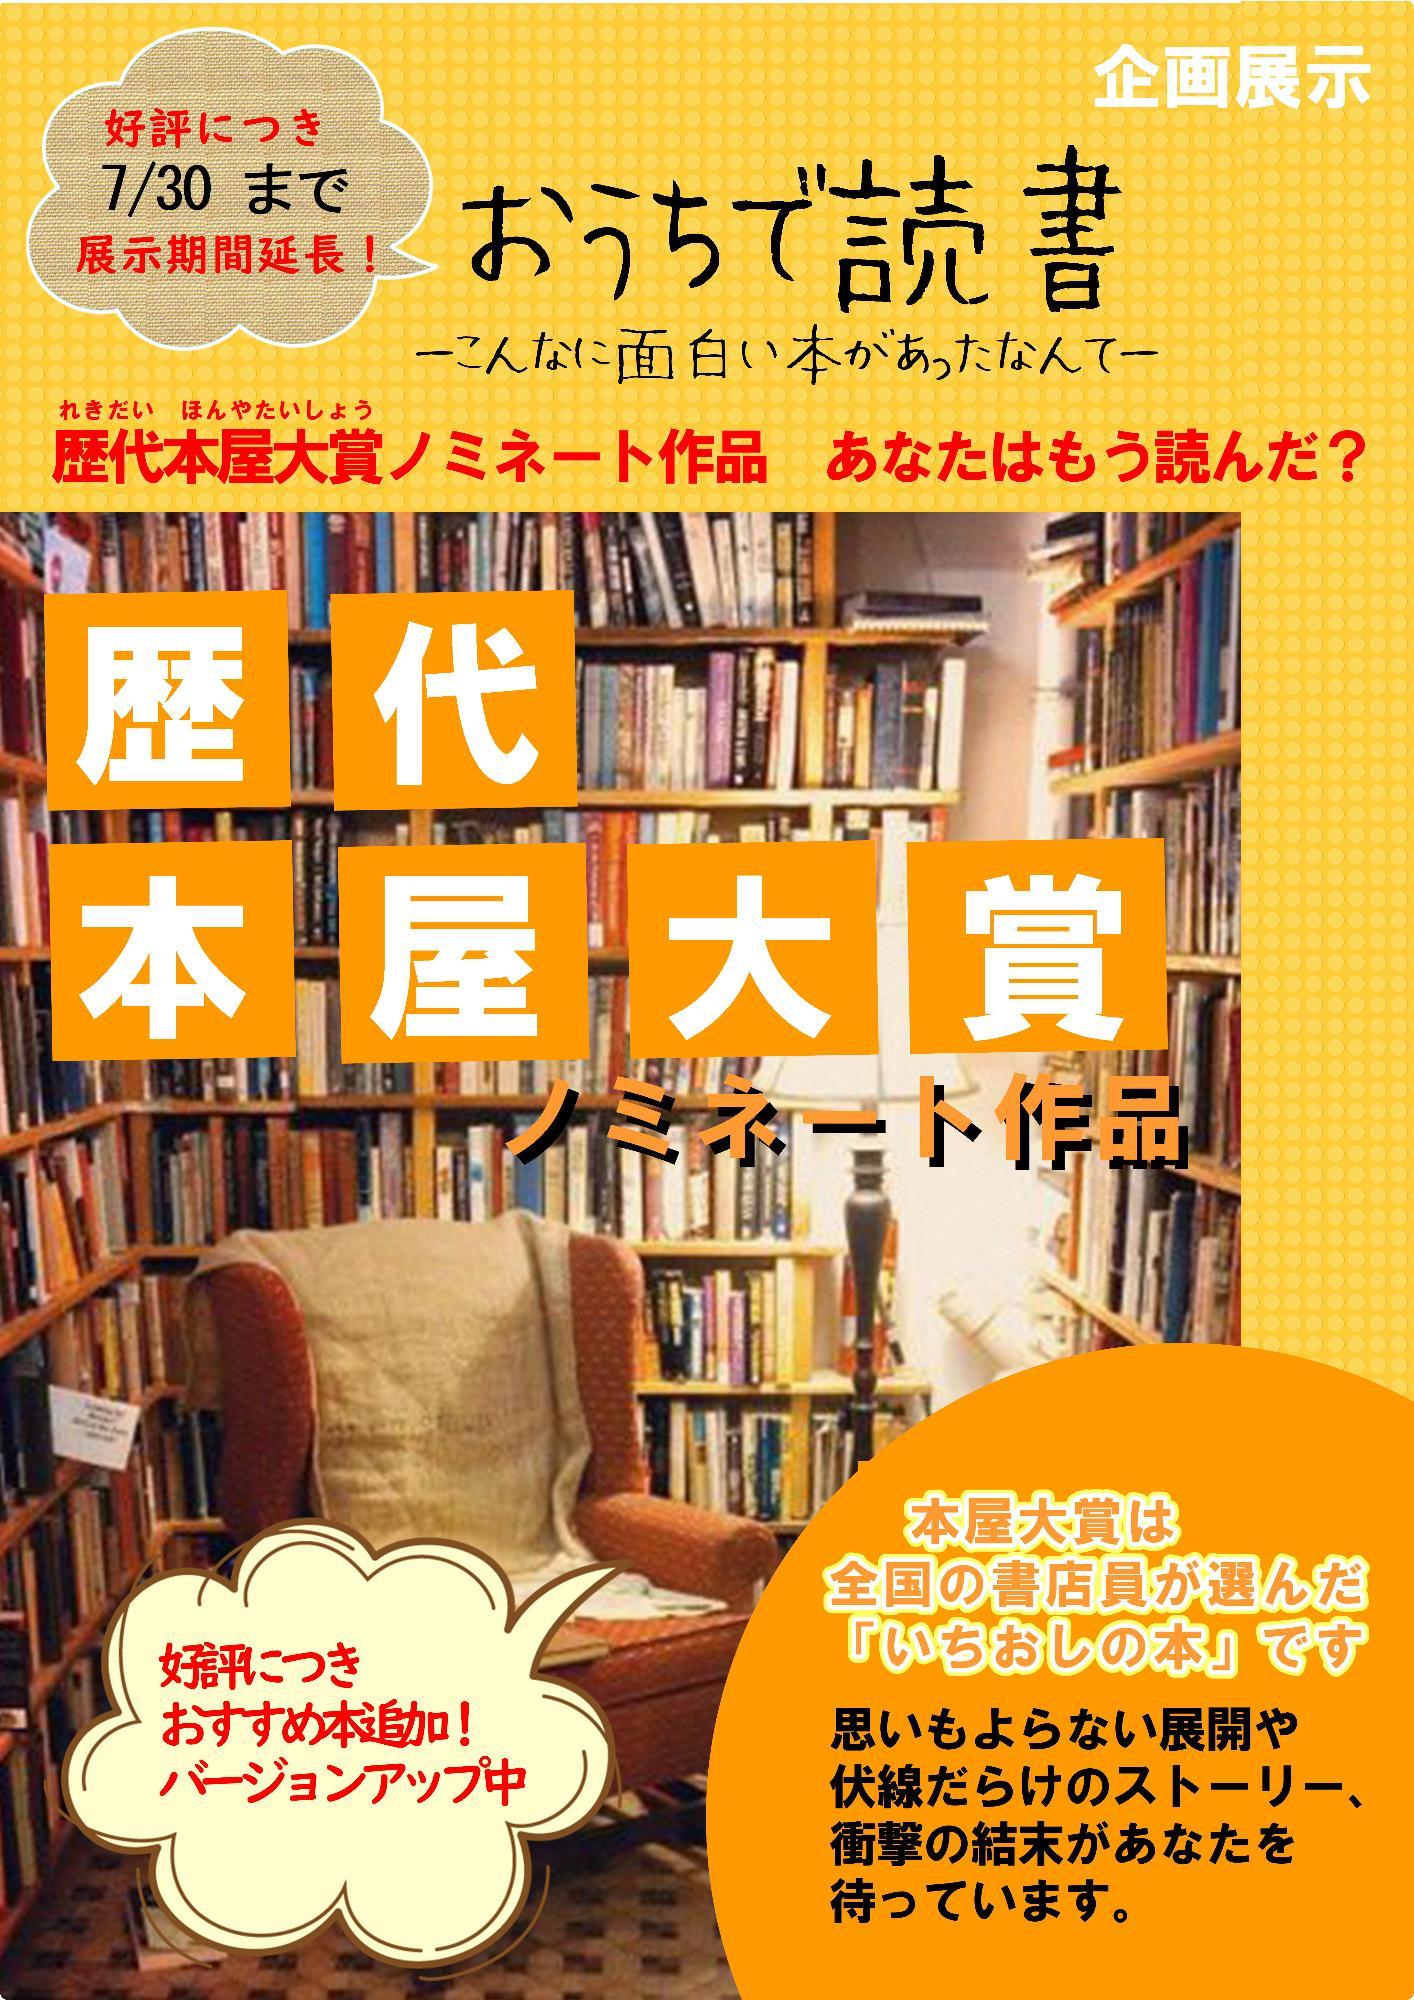 (~7/30まで)【相馬市】図書館企画展示「おうちで読書」 @ 相馬市図書館